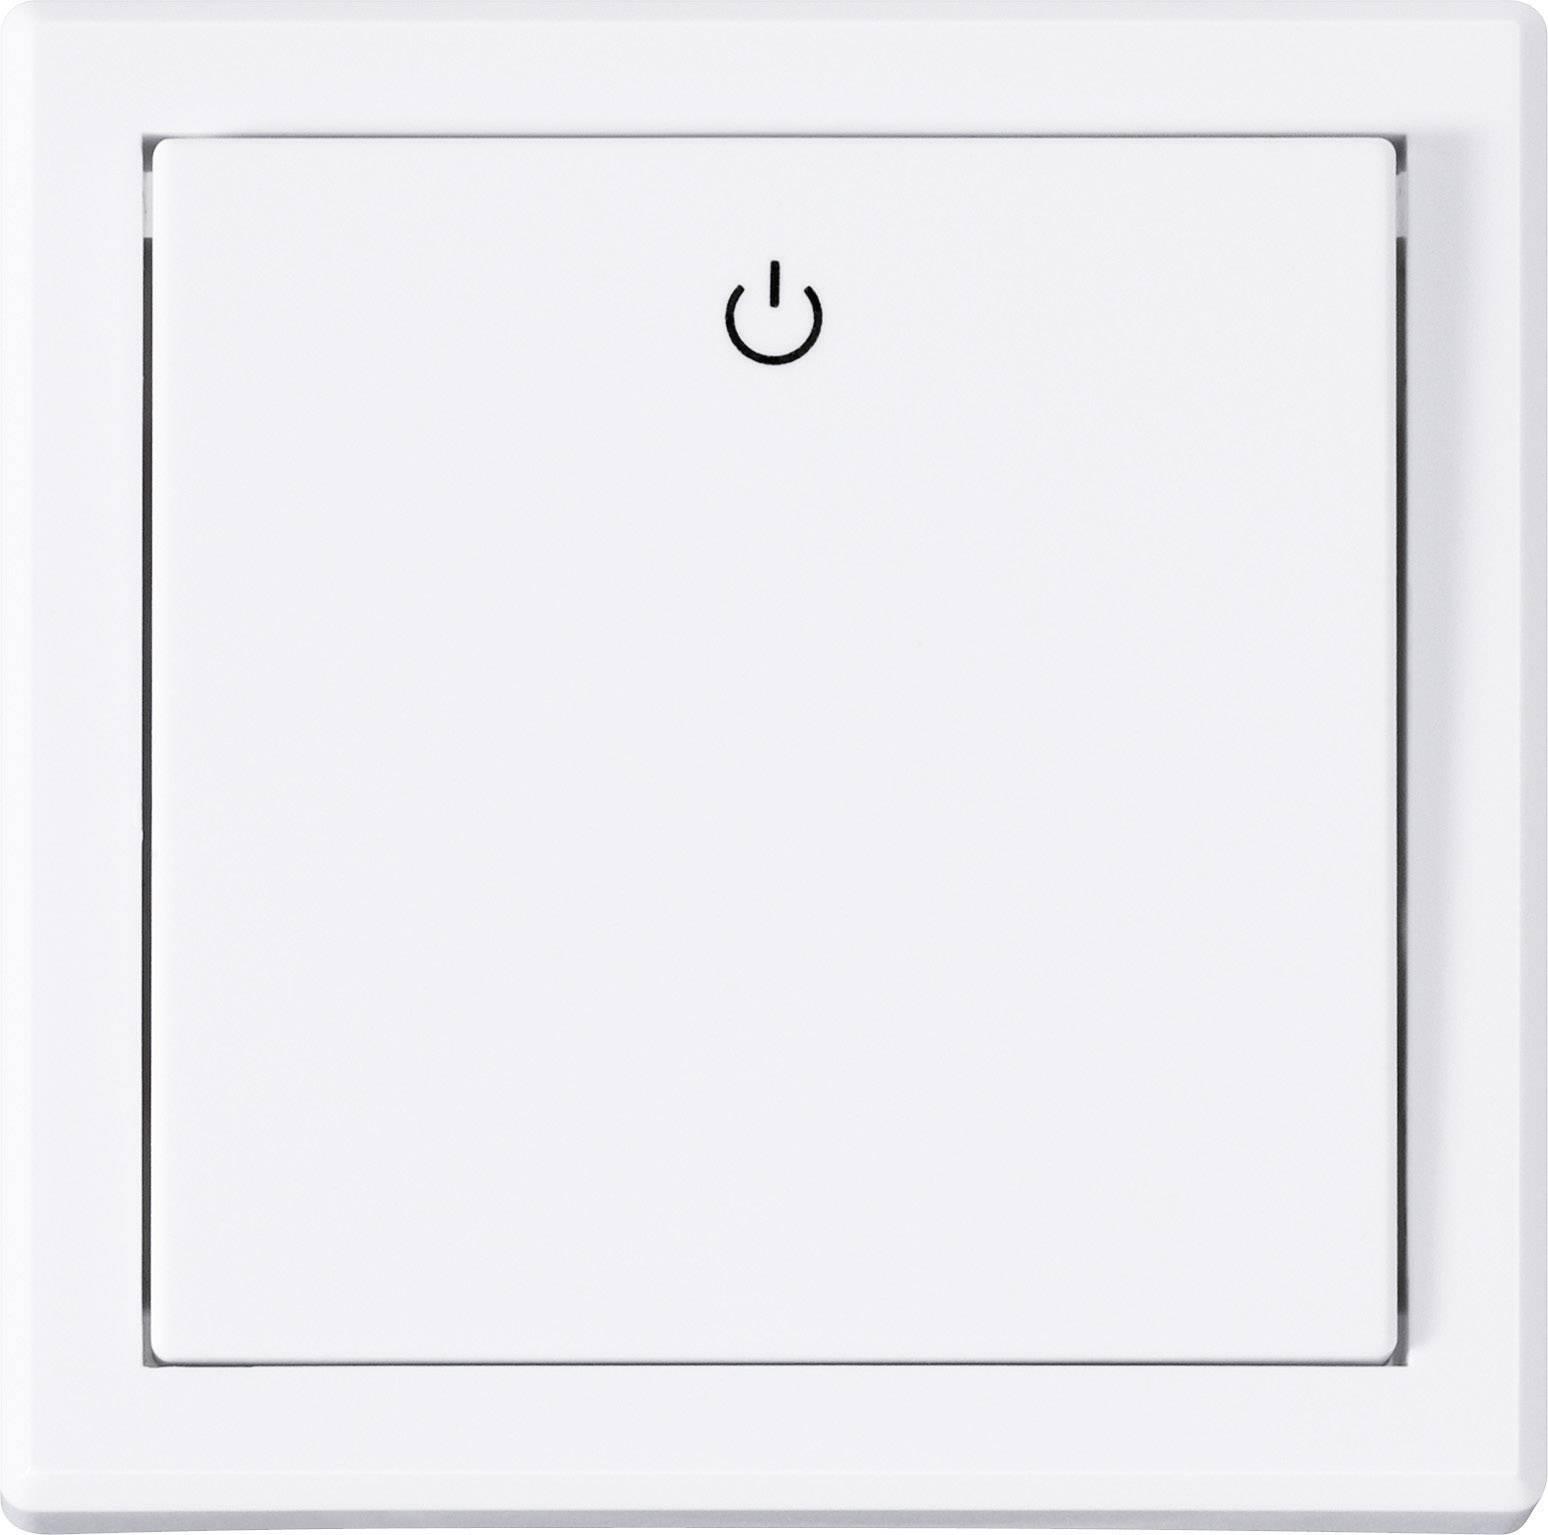 Bezdrôtový zabudovateľný tlačtkový spínač RSLW2